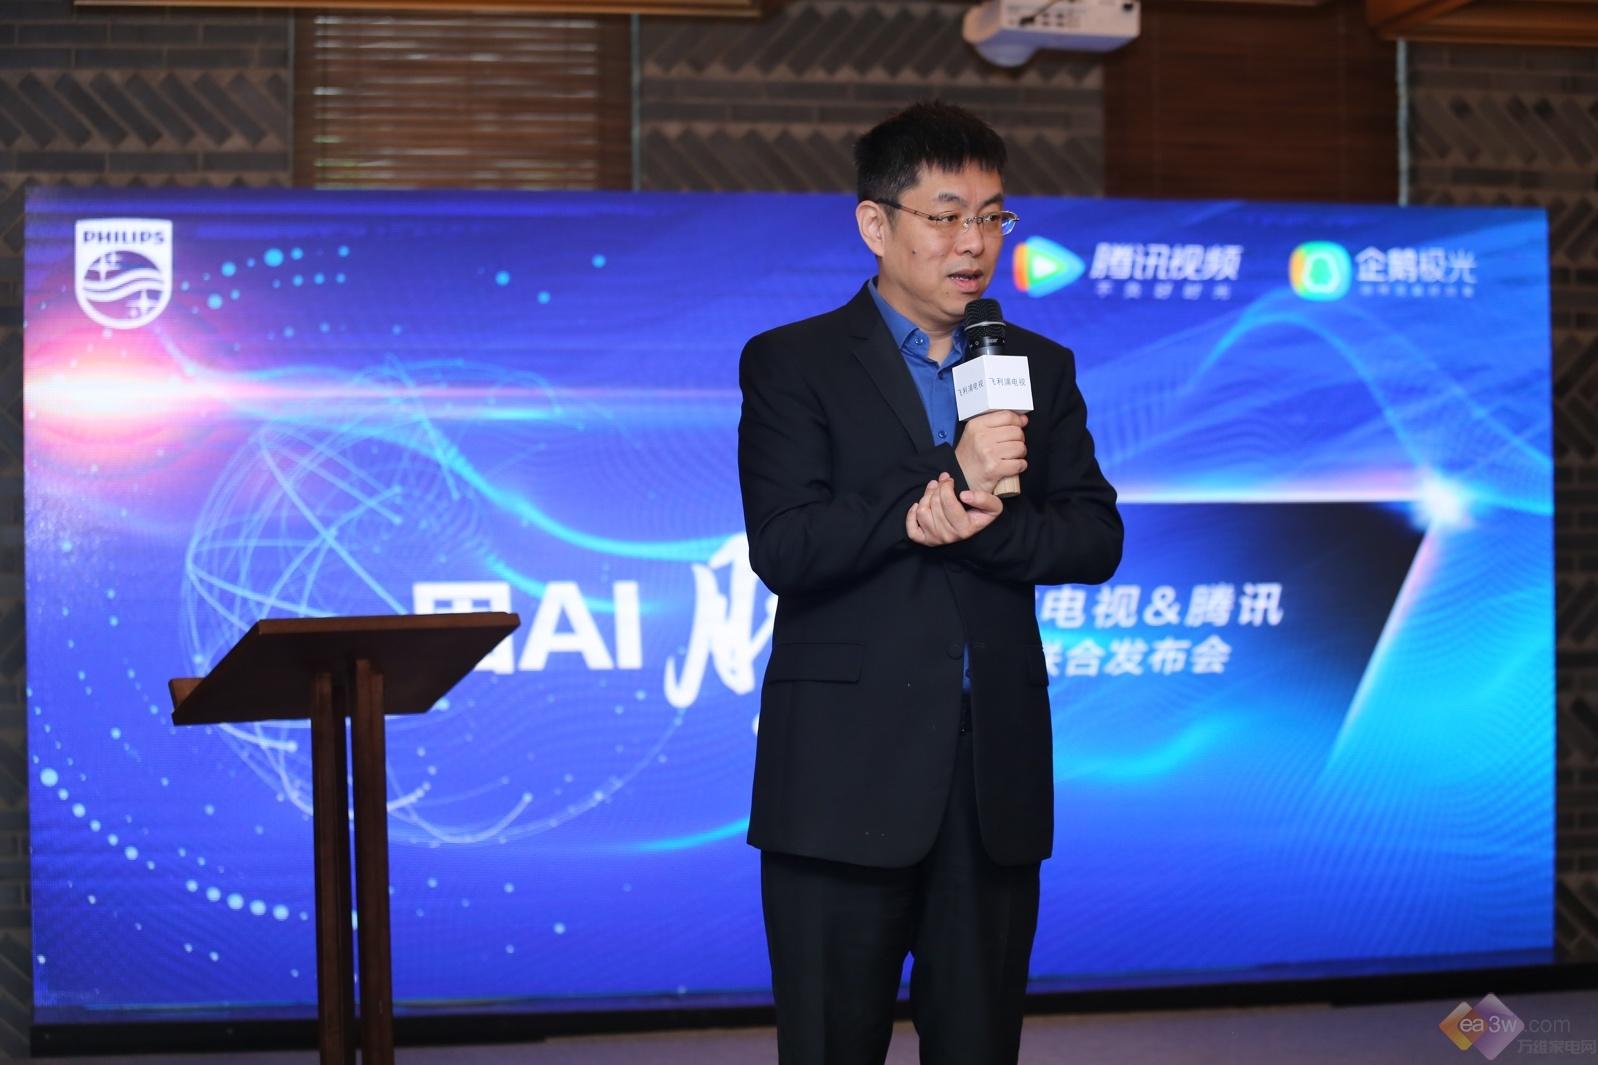 唐建刚:飞利浦澳门博彩官网将冲击电商平台高端机型的NO.1